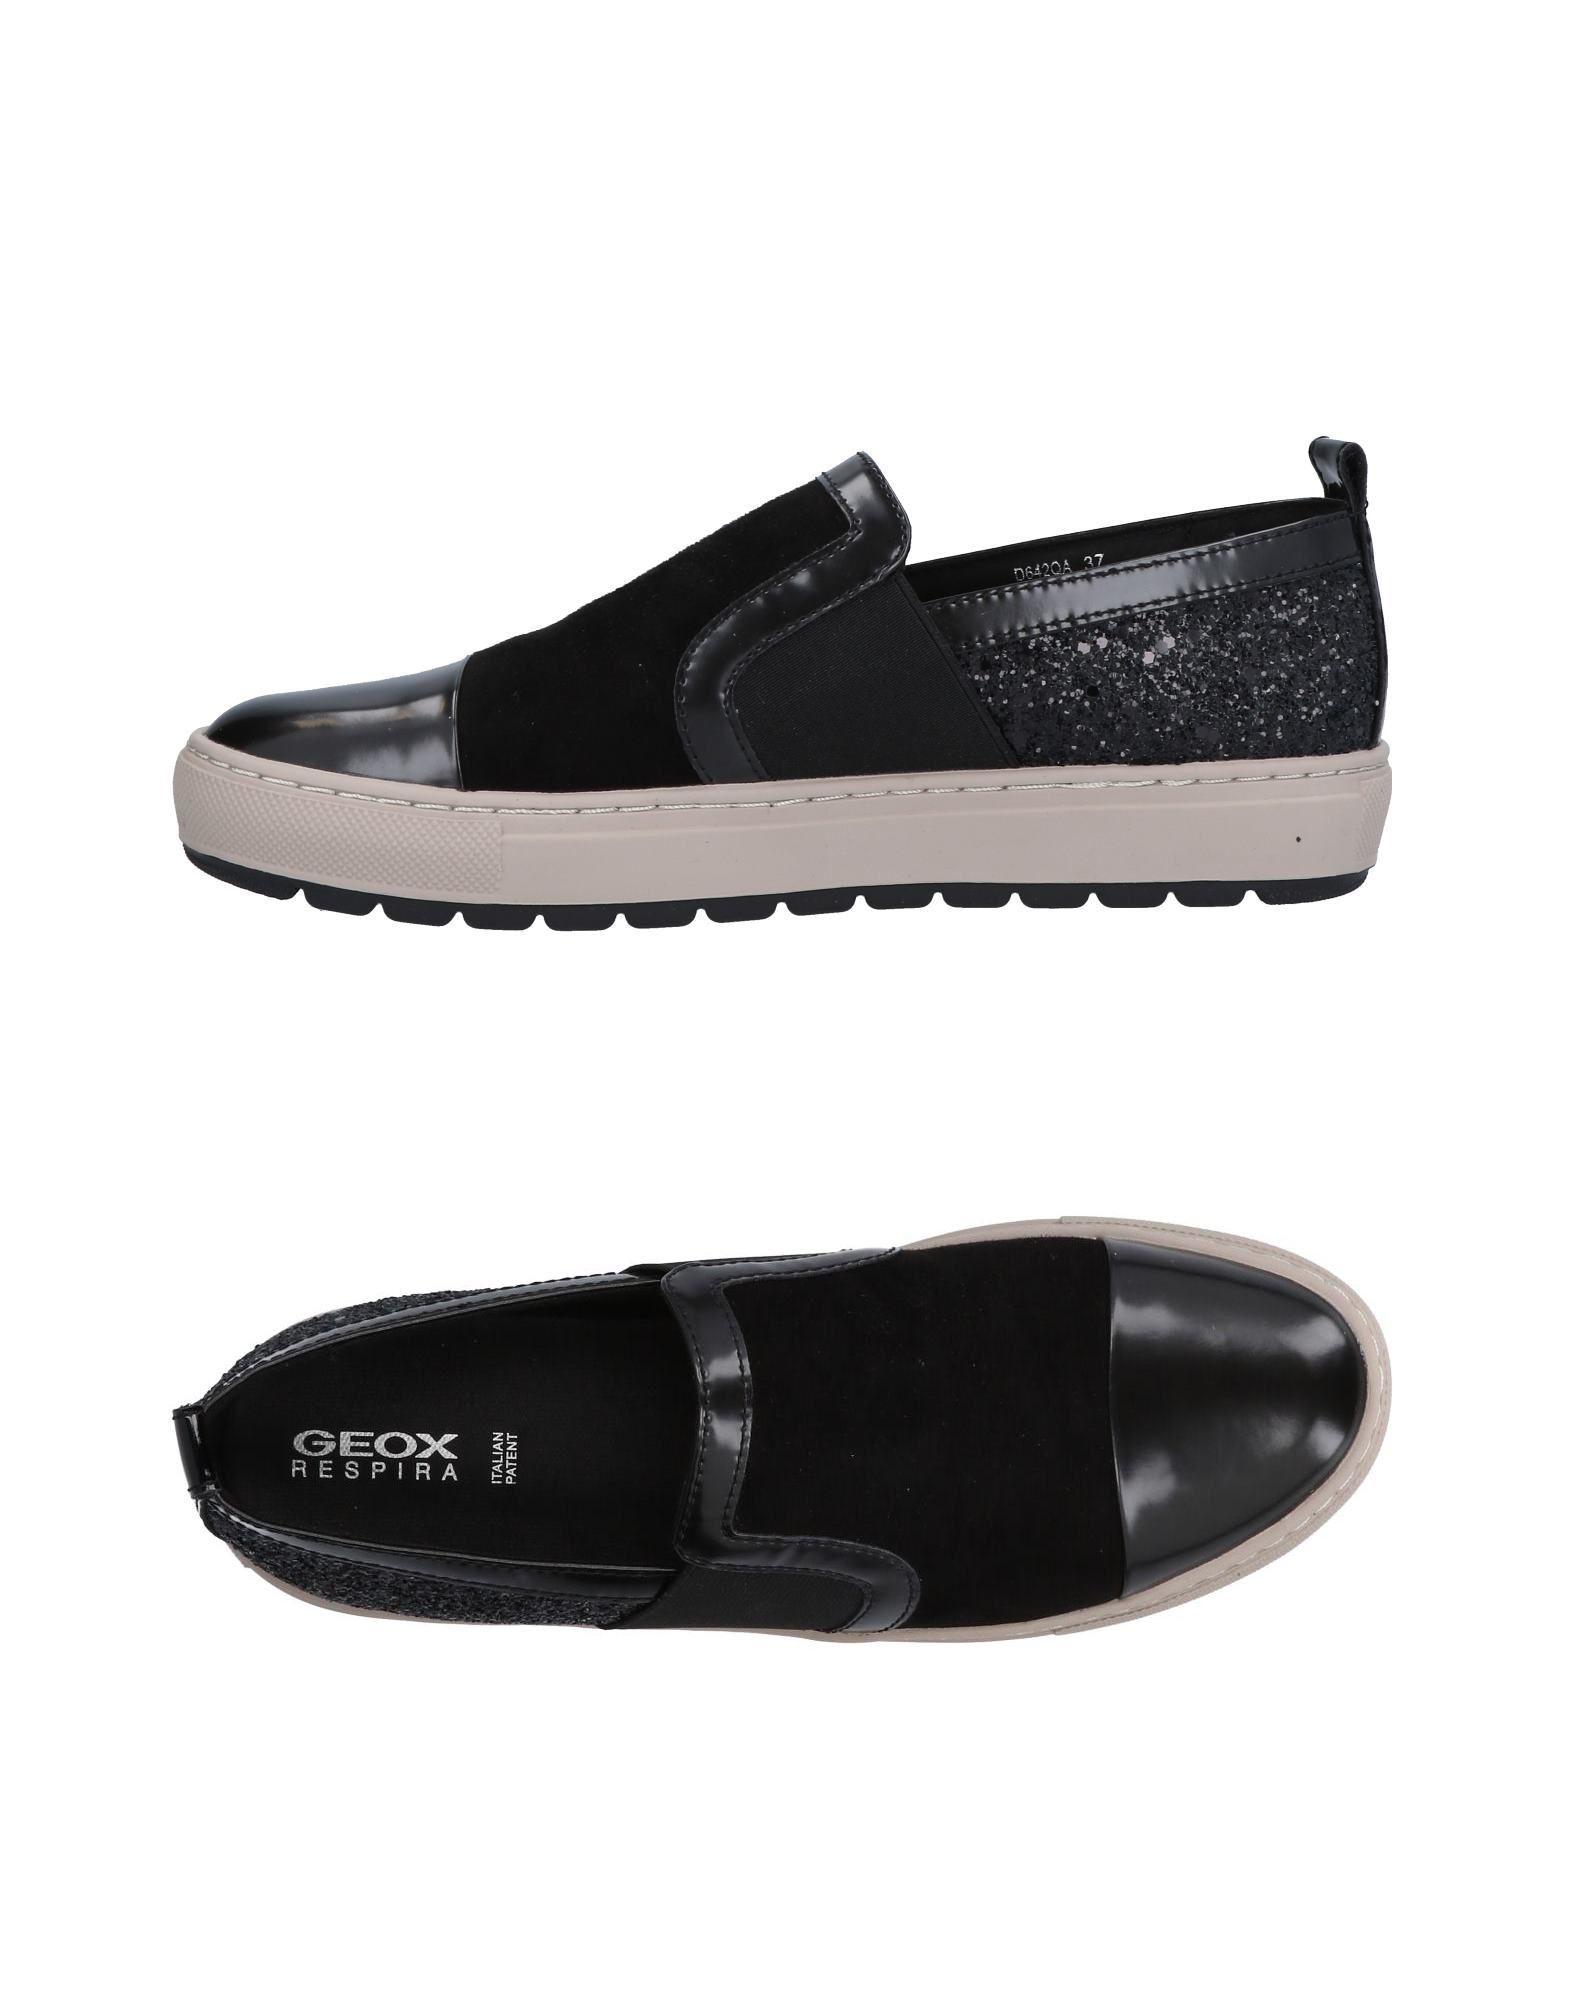 Sneakers Geox Donna - 11110781OD Scarpe economiche e buone